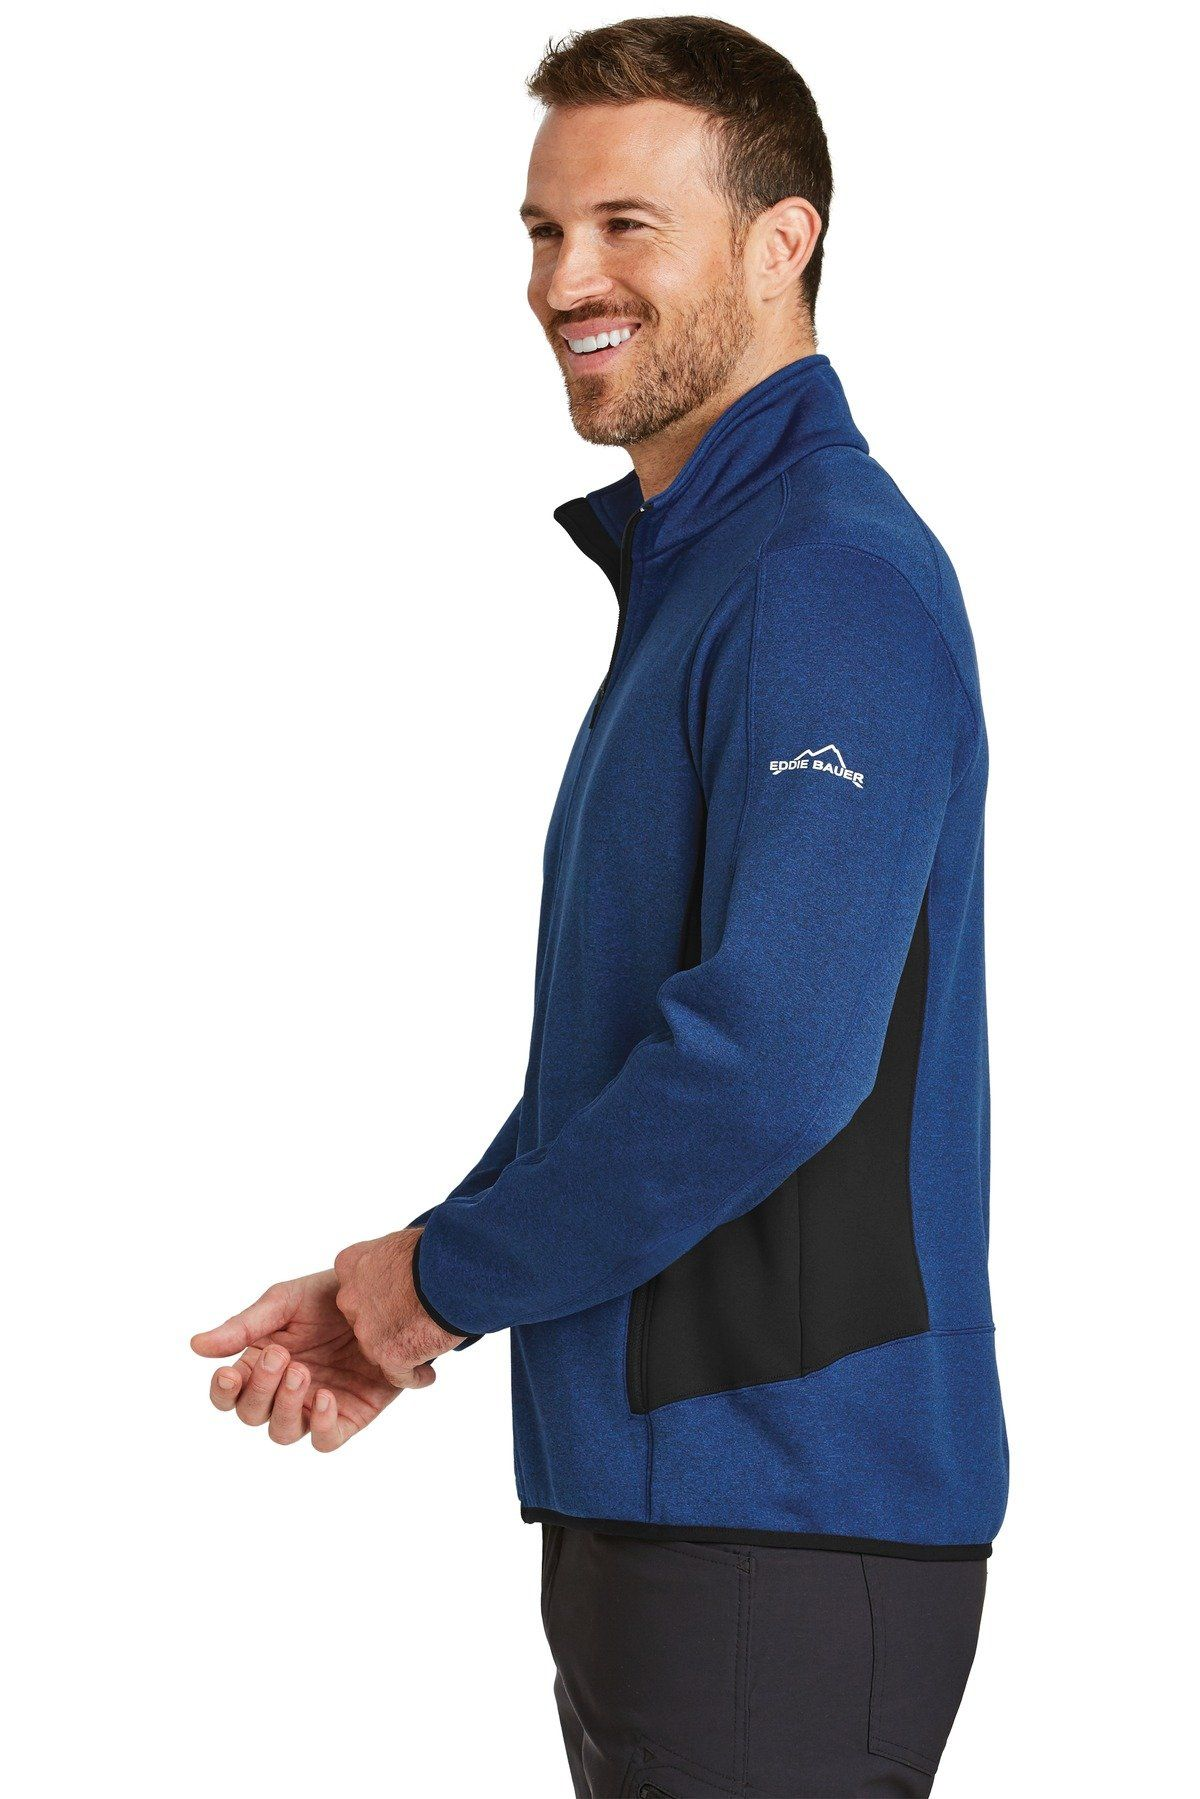 48fbceda976 Eddie Bauer Full-Zip Heather Stretch Fleece Jacket EB238 Blue Heather